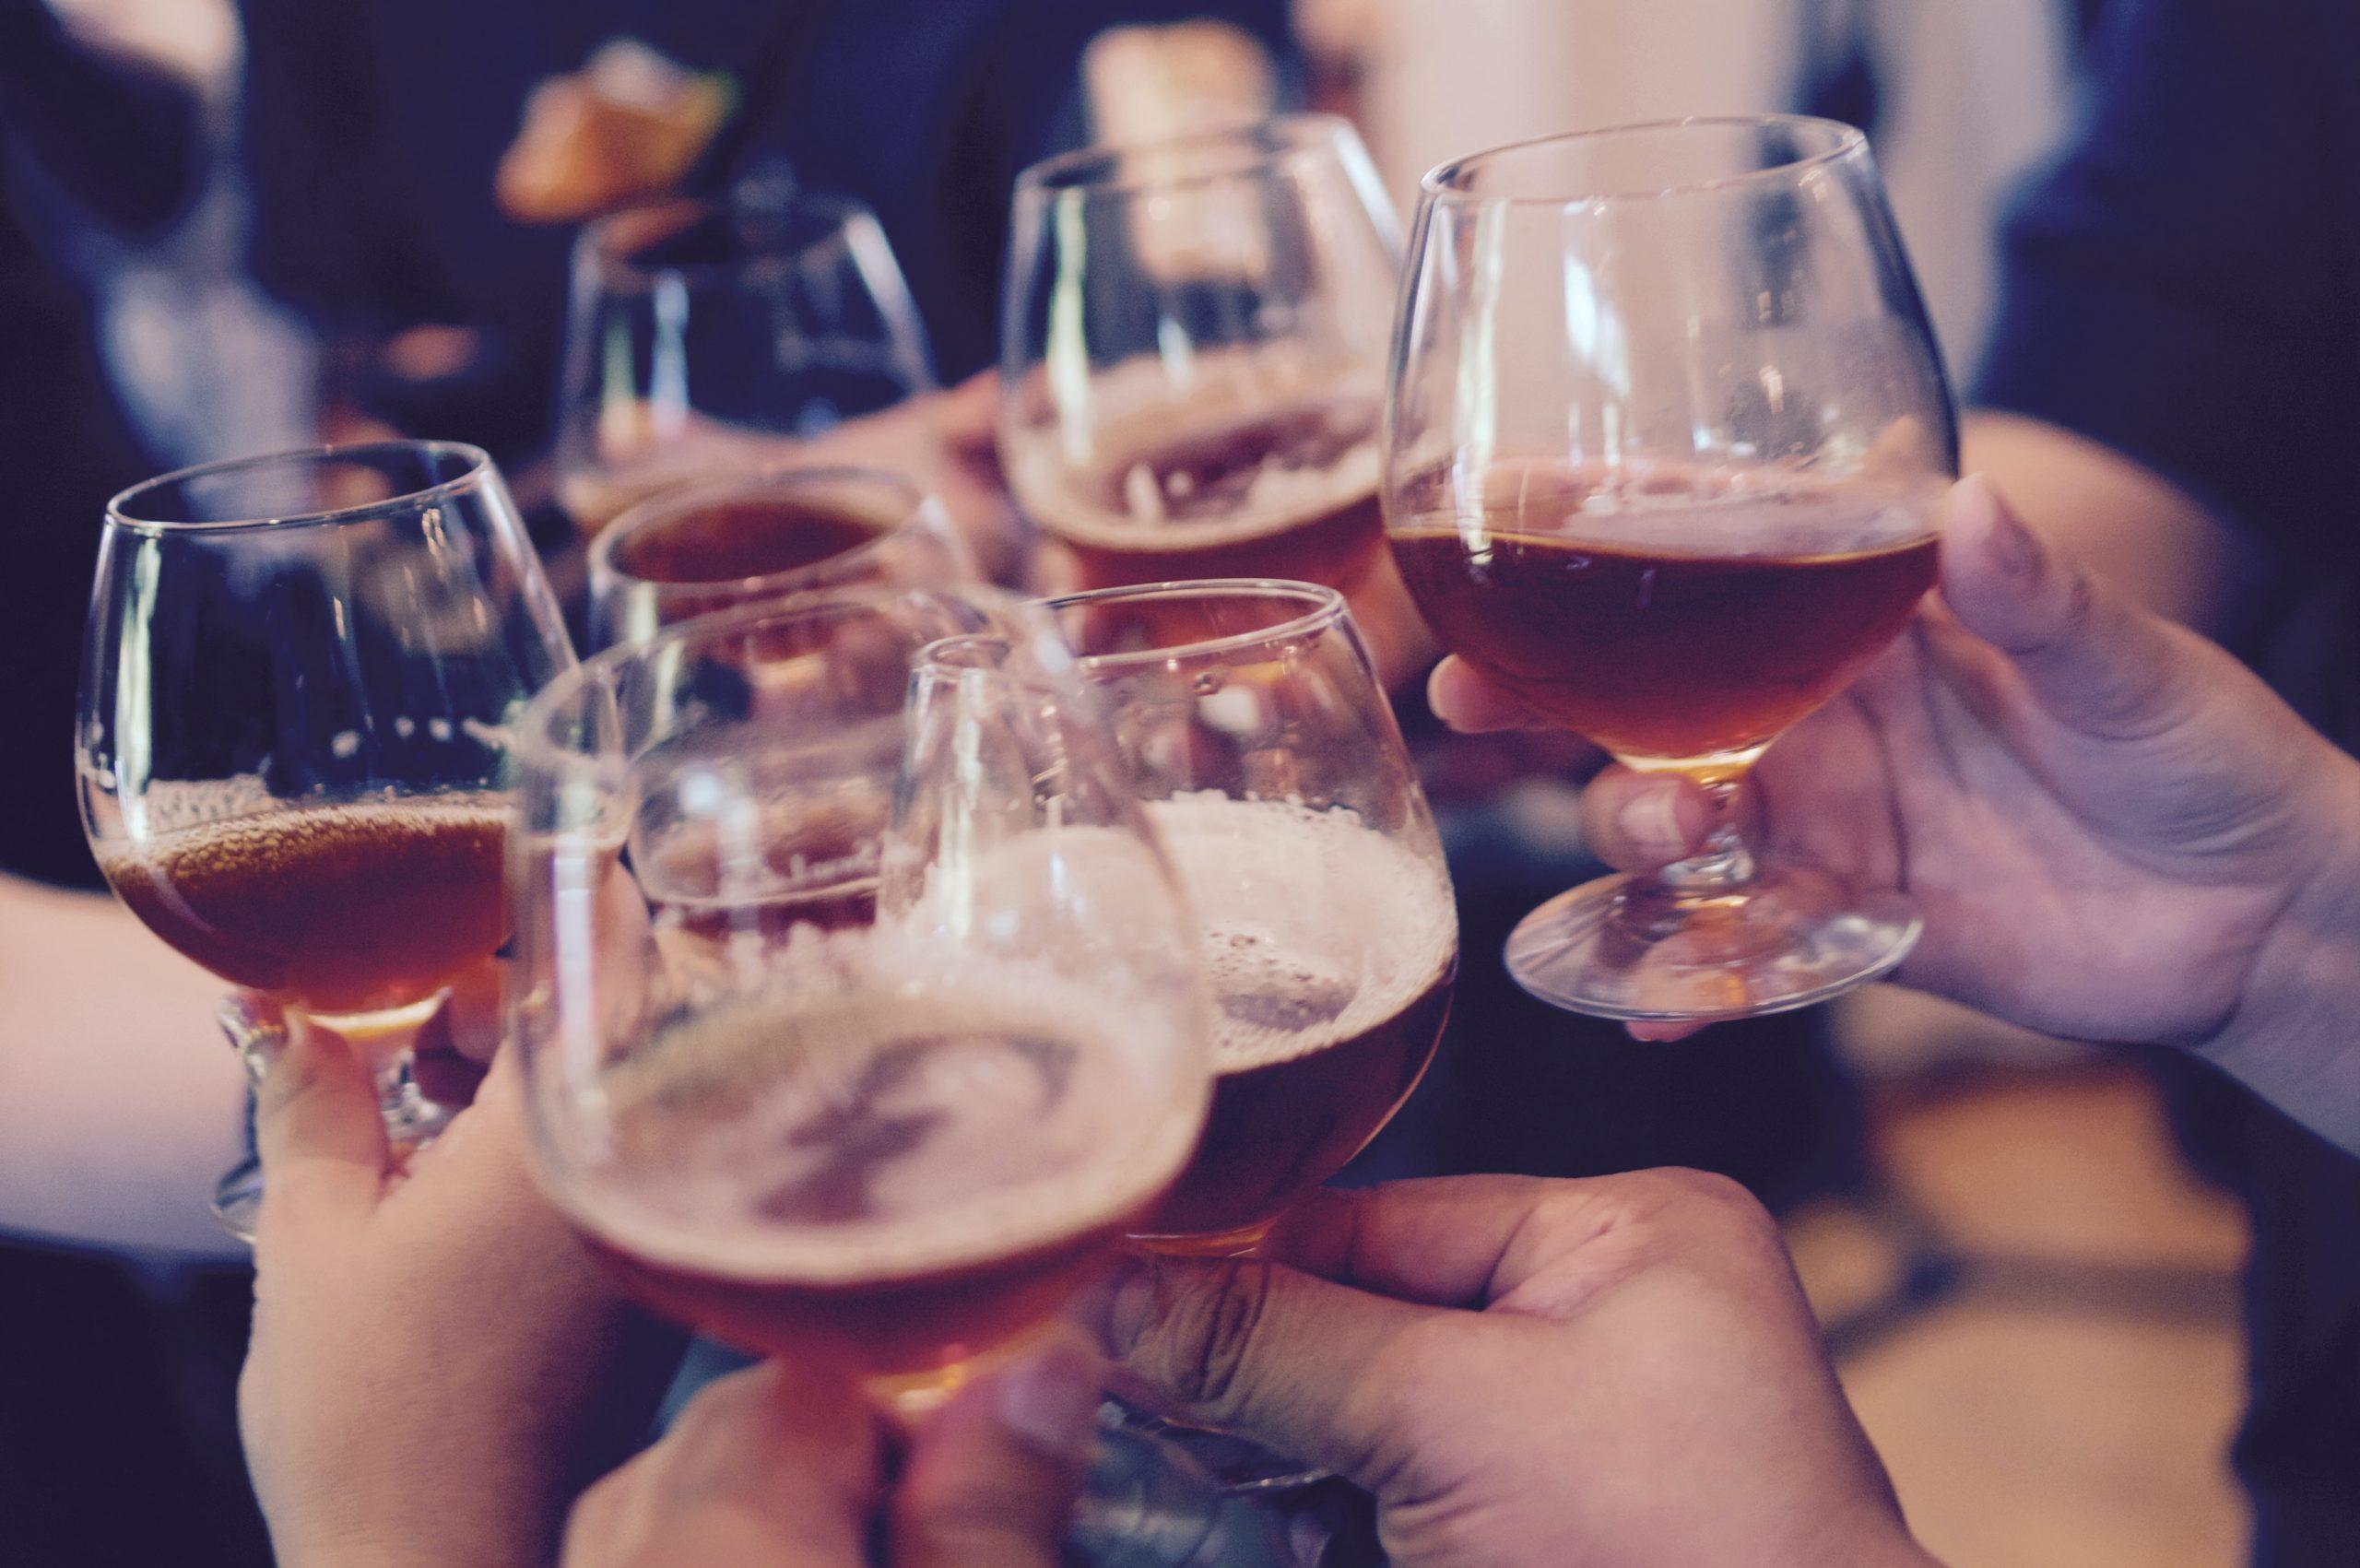 Image showing Homebrewed beers